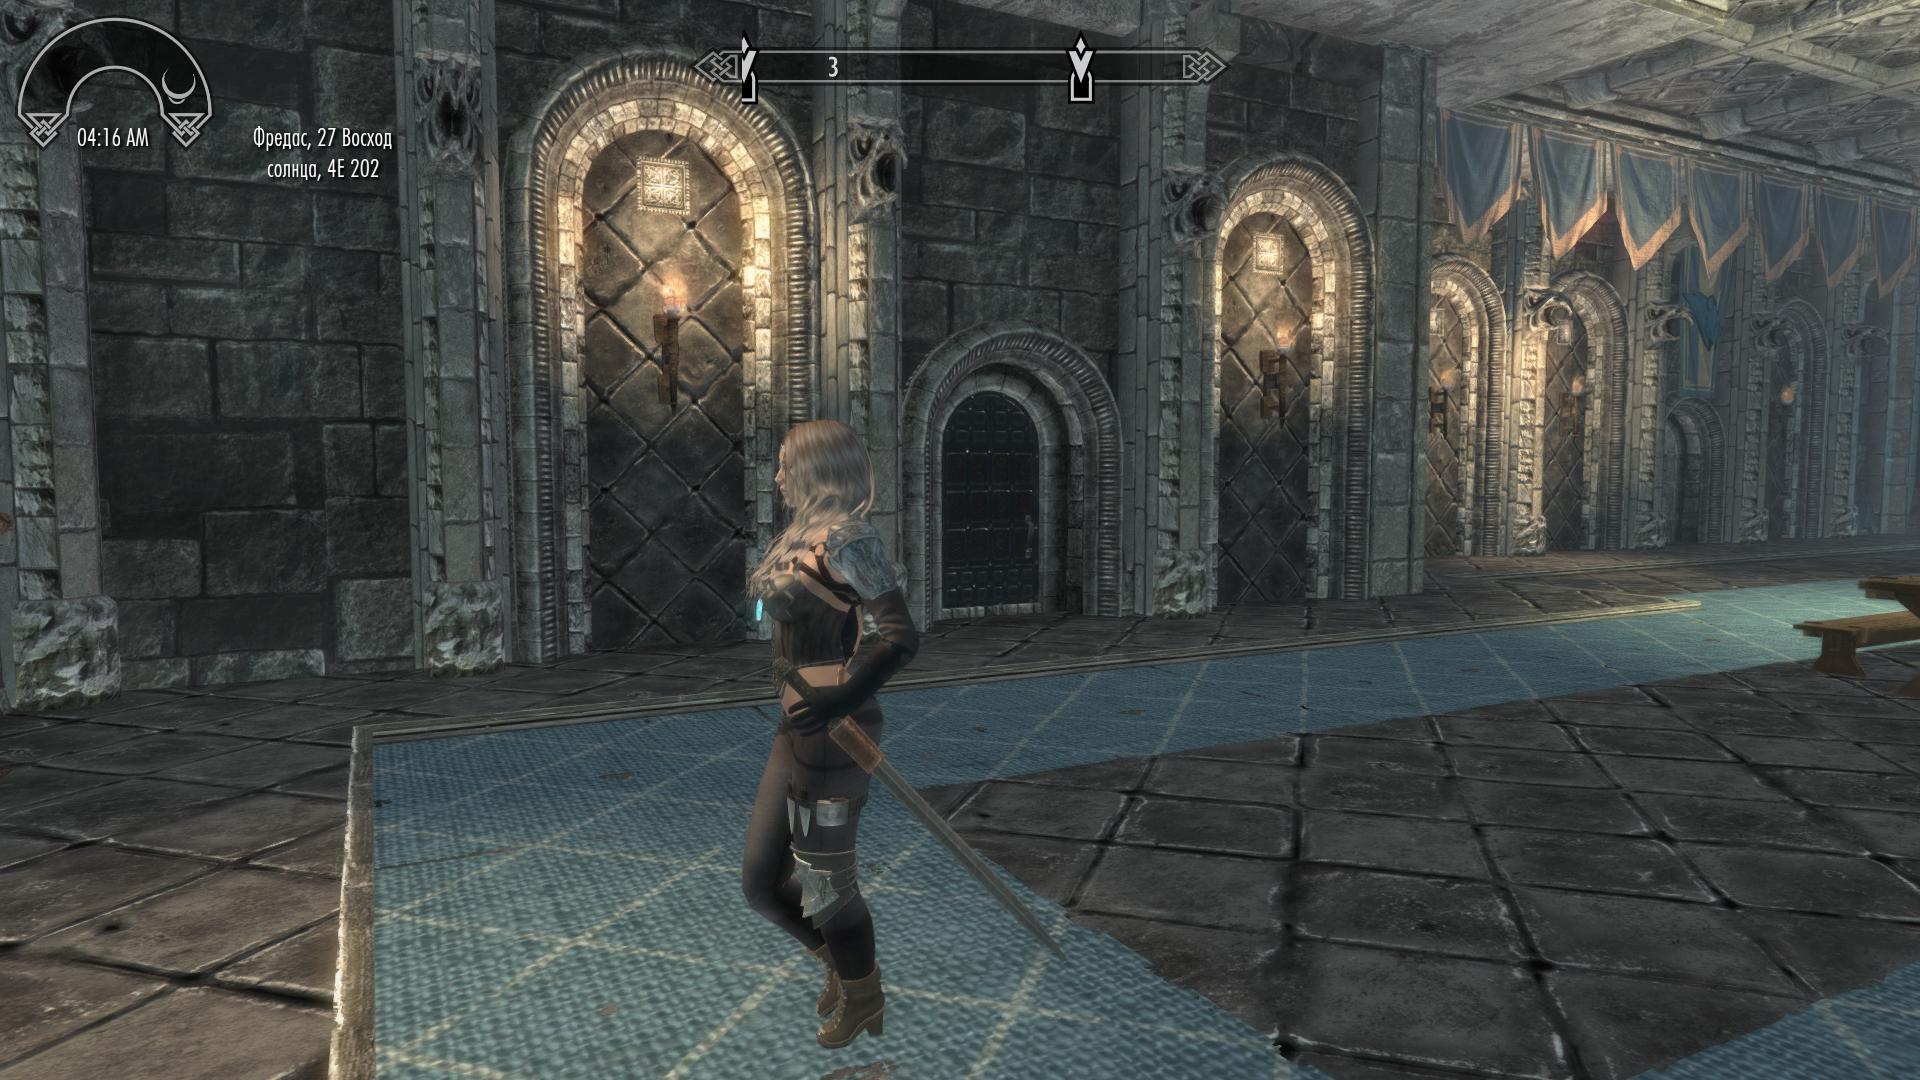 Героиня ракурс 29 - Elder Scrolls 5: Skyrim, the